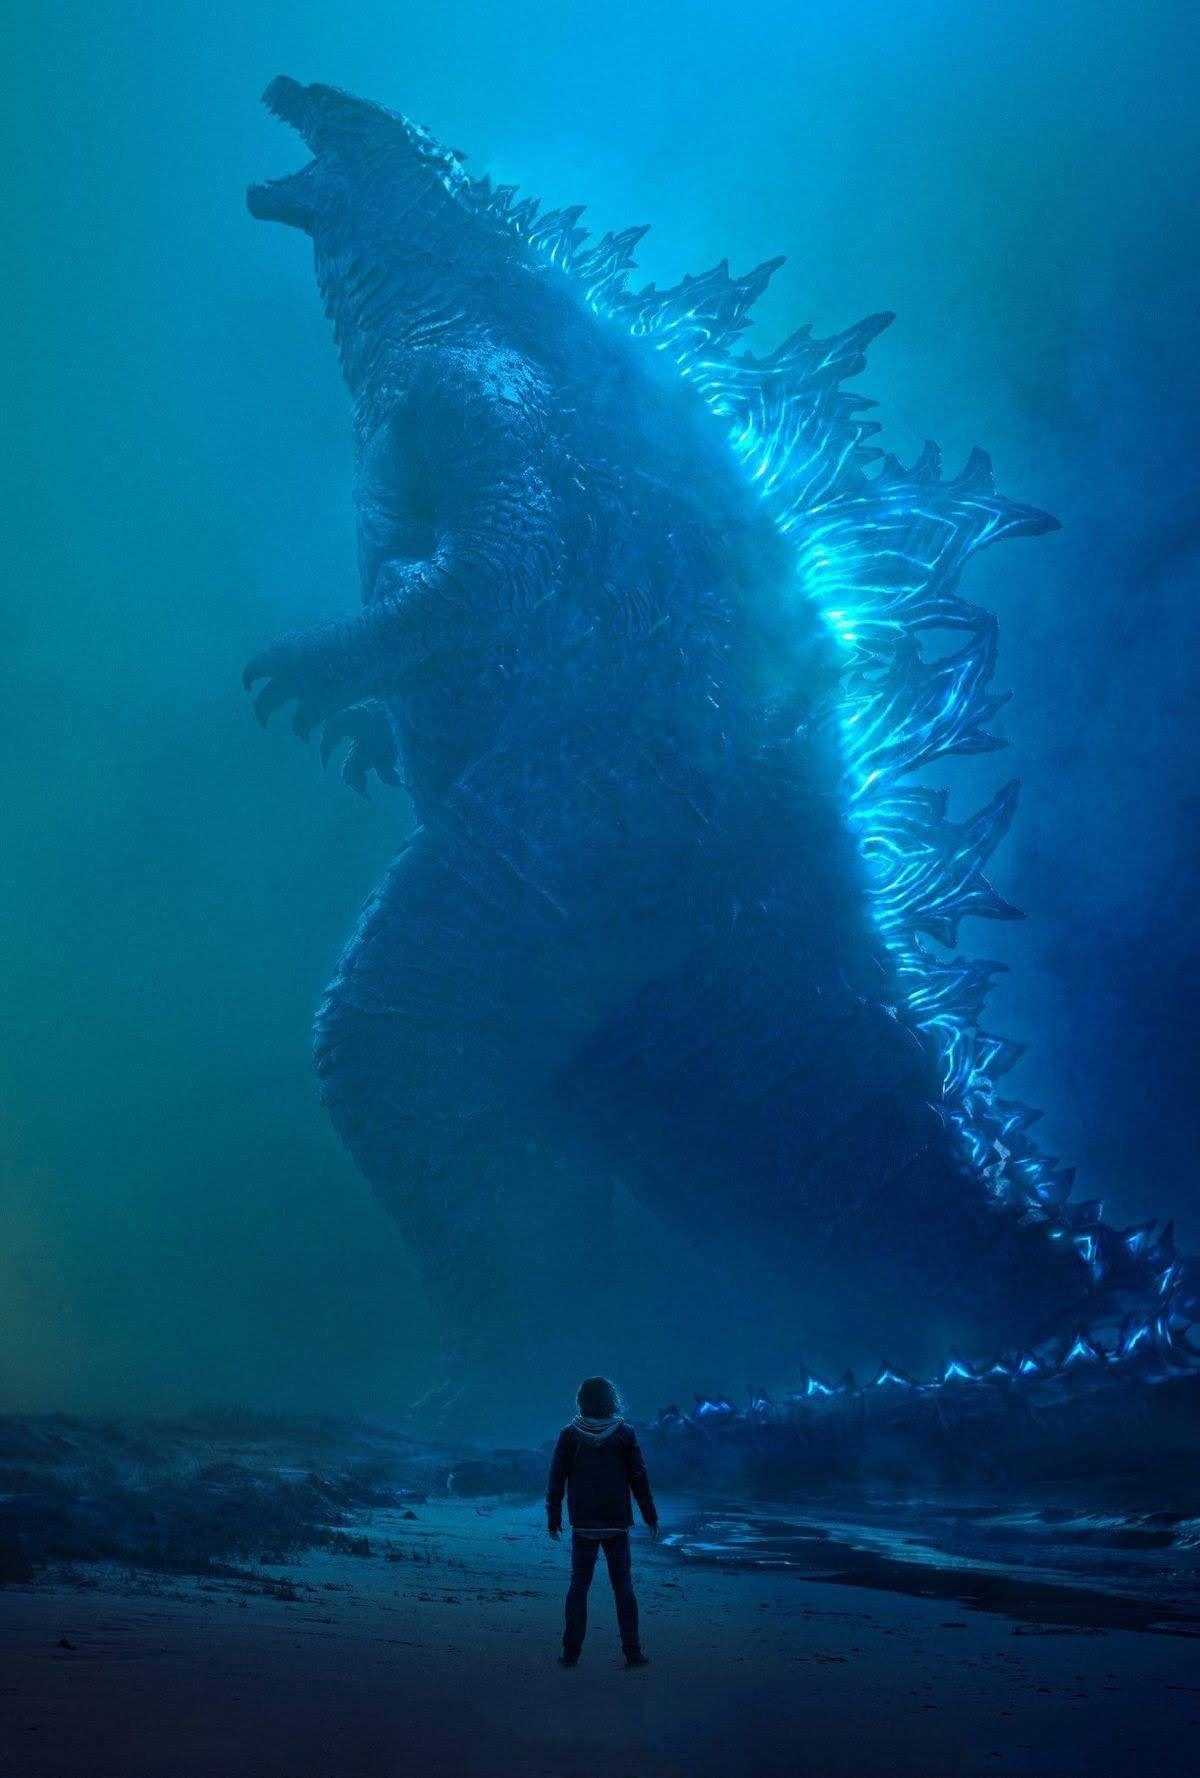 Godzilla King Of The Monsters Textless Posters ハリウッド版 ゴジラ の第2弾 キング オブ ザ モンスターズ の怪獣ポスターはよいのだけれど スマホやタブレットの待ち受けにするには 文字がない方が という怪獣ファンの人には打ってつけの素の ゴジラ